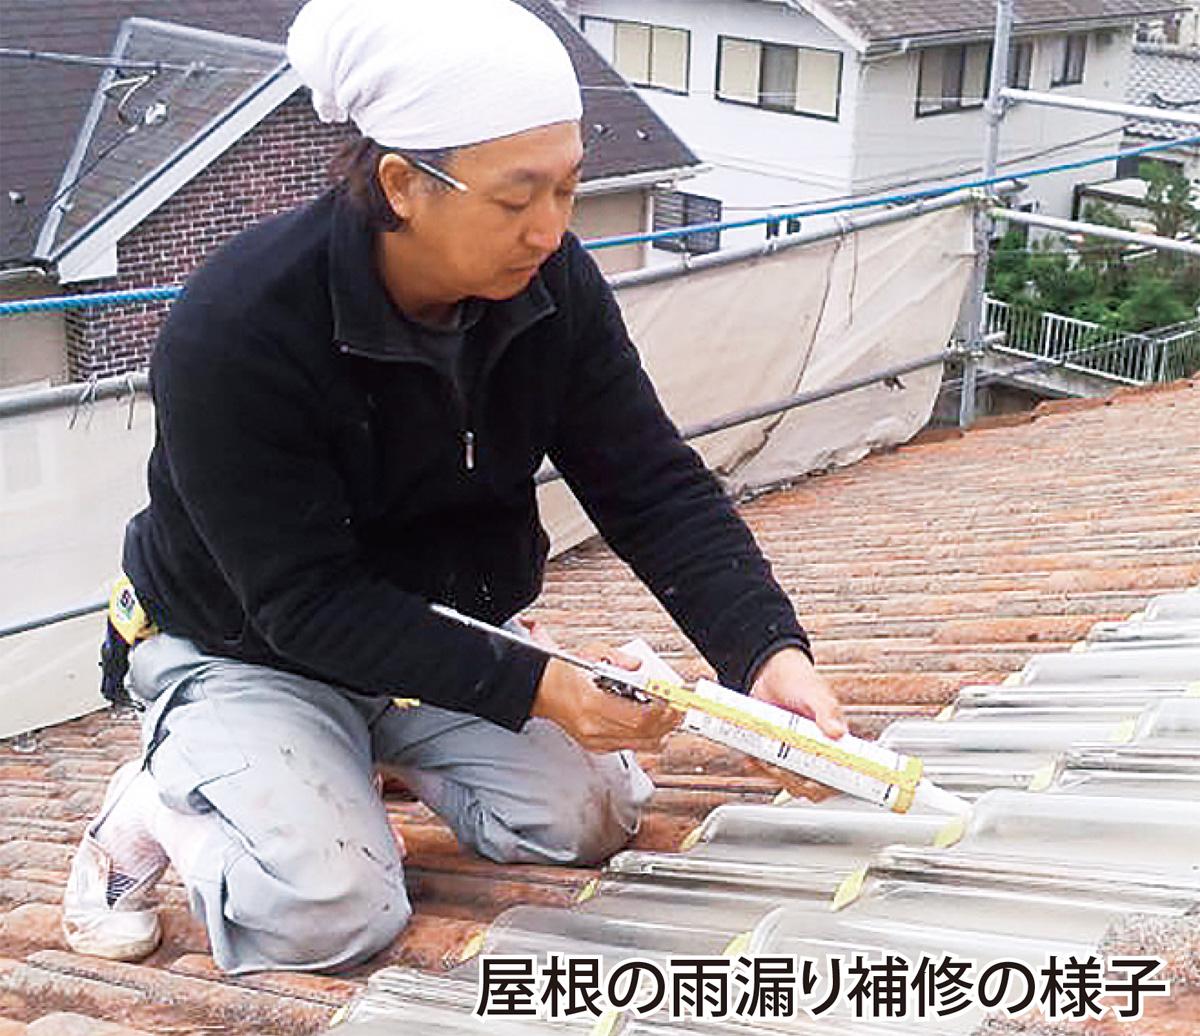 「釘1本の工事から新築まで」